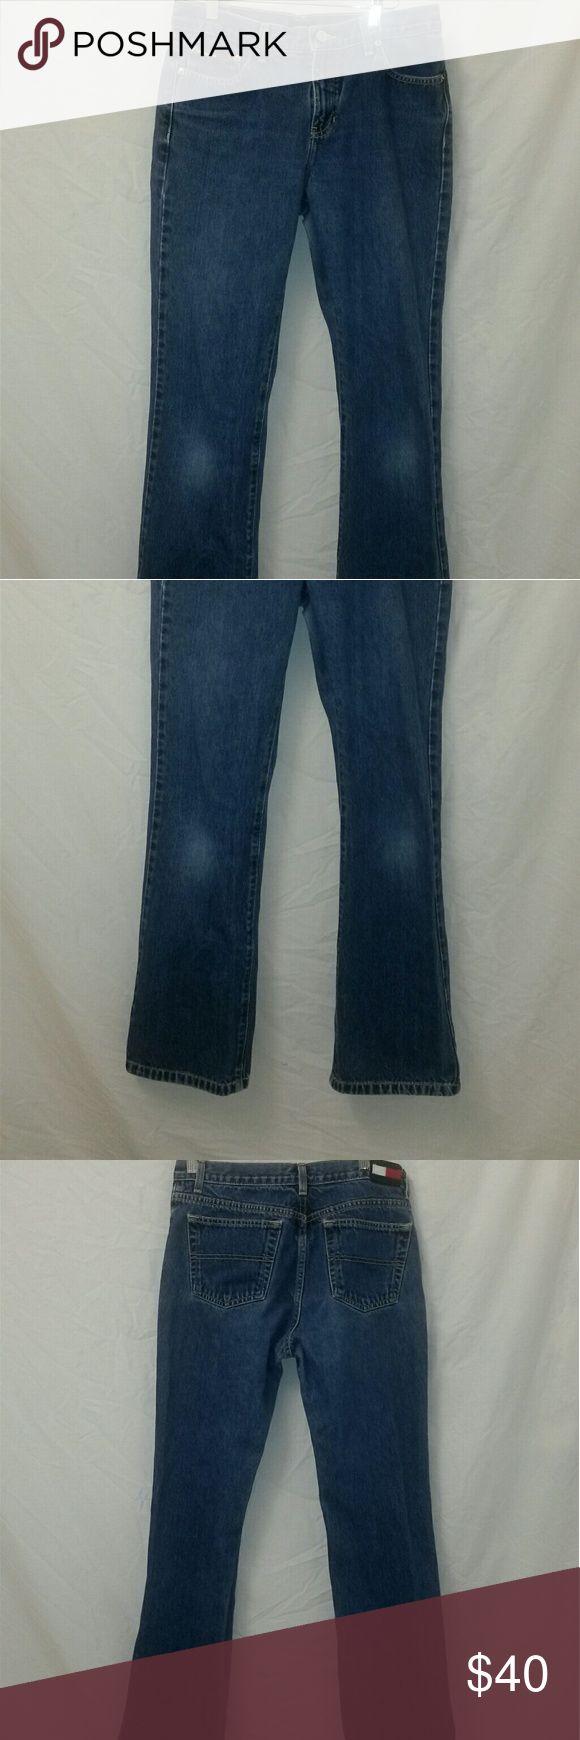 Vintage Tommy hilfiger jeans Vintage Tommy hilfiger jeans ,tommy jeans size 9 Tommy Hilfiger Jeans Boot Cut